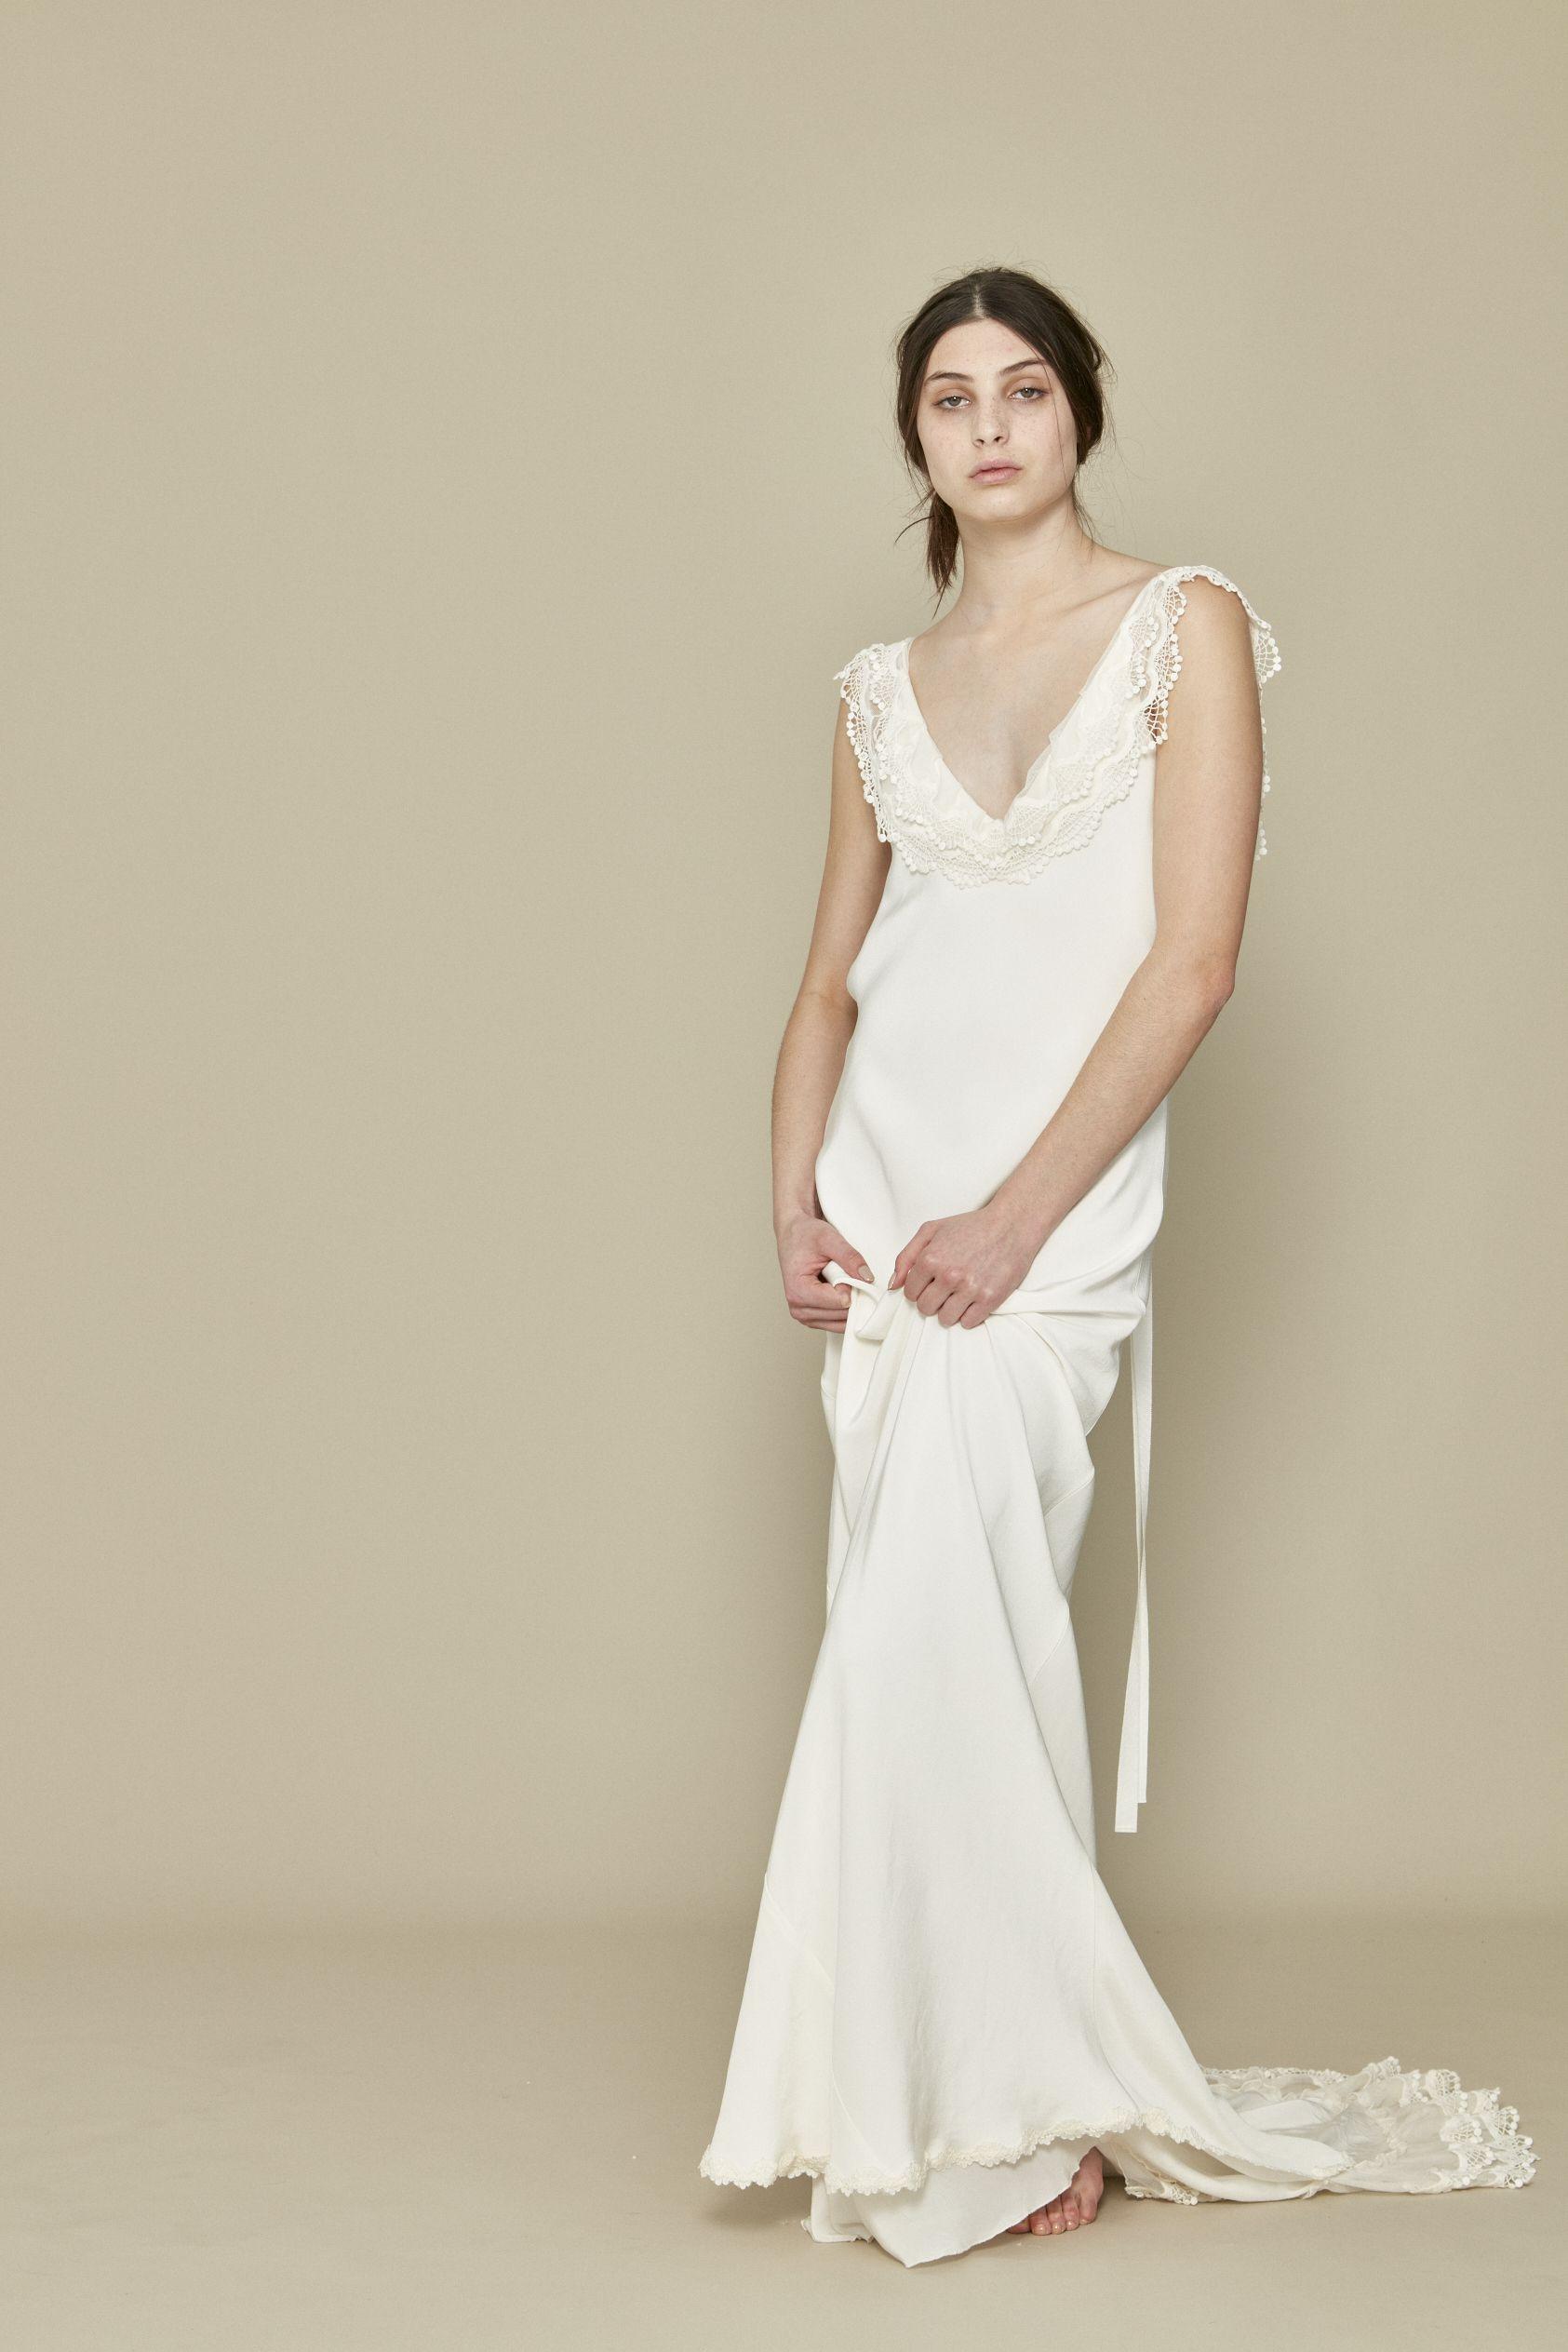 b230f9d43a3 Claudette dress